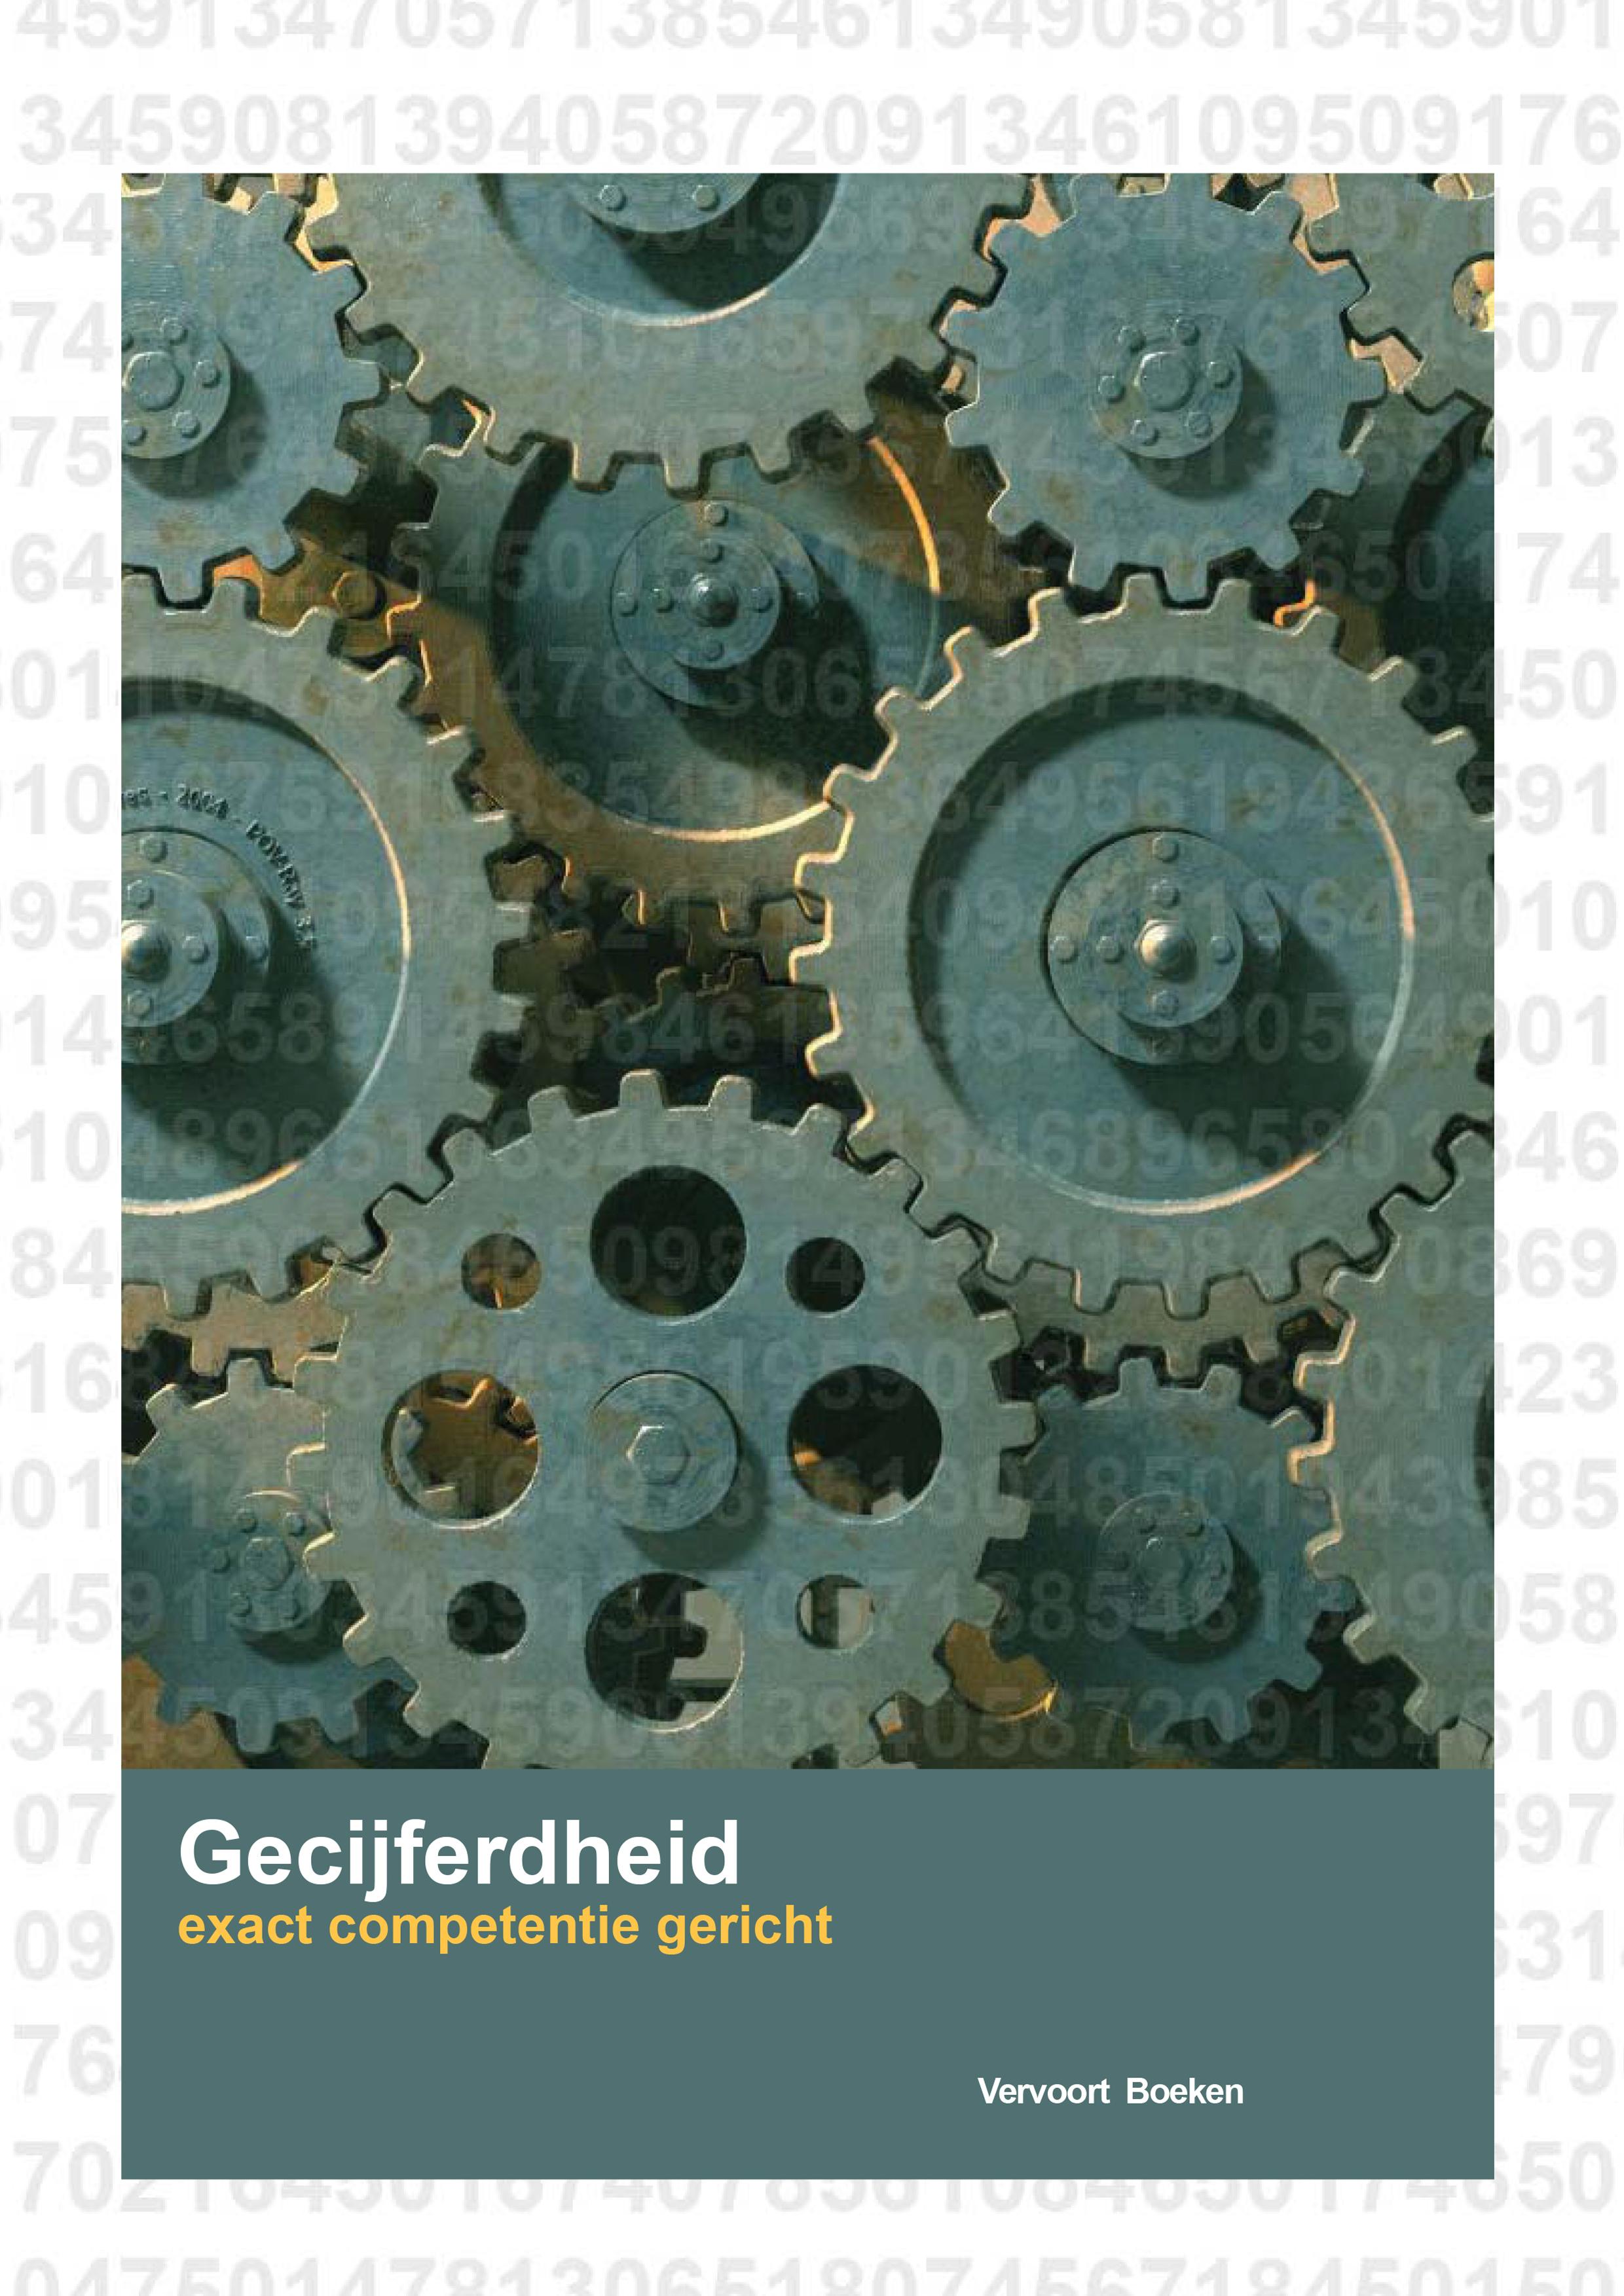 08-08-07 titelpagina 01.indd